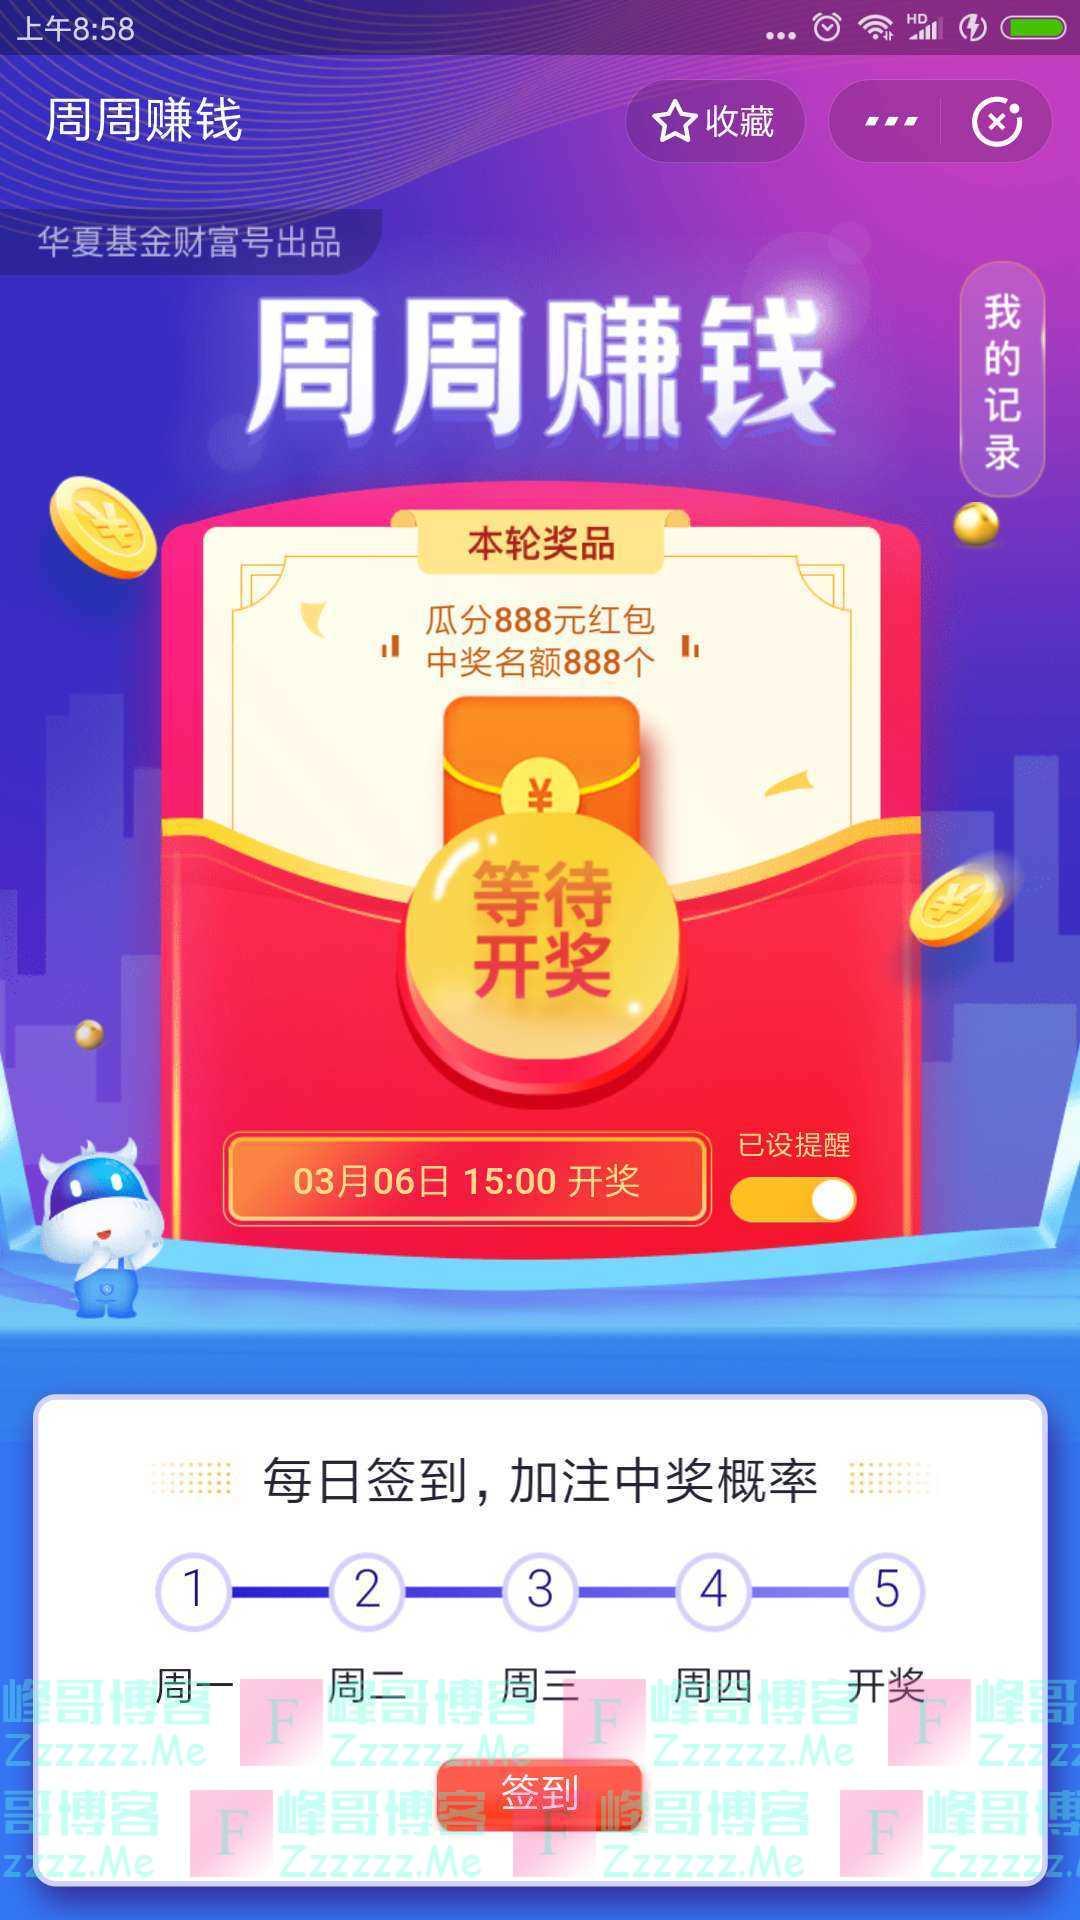 华夏基金新一期周周赚钱瓜分888元红包(截止3月6日)